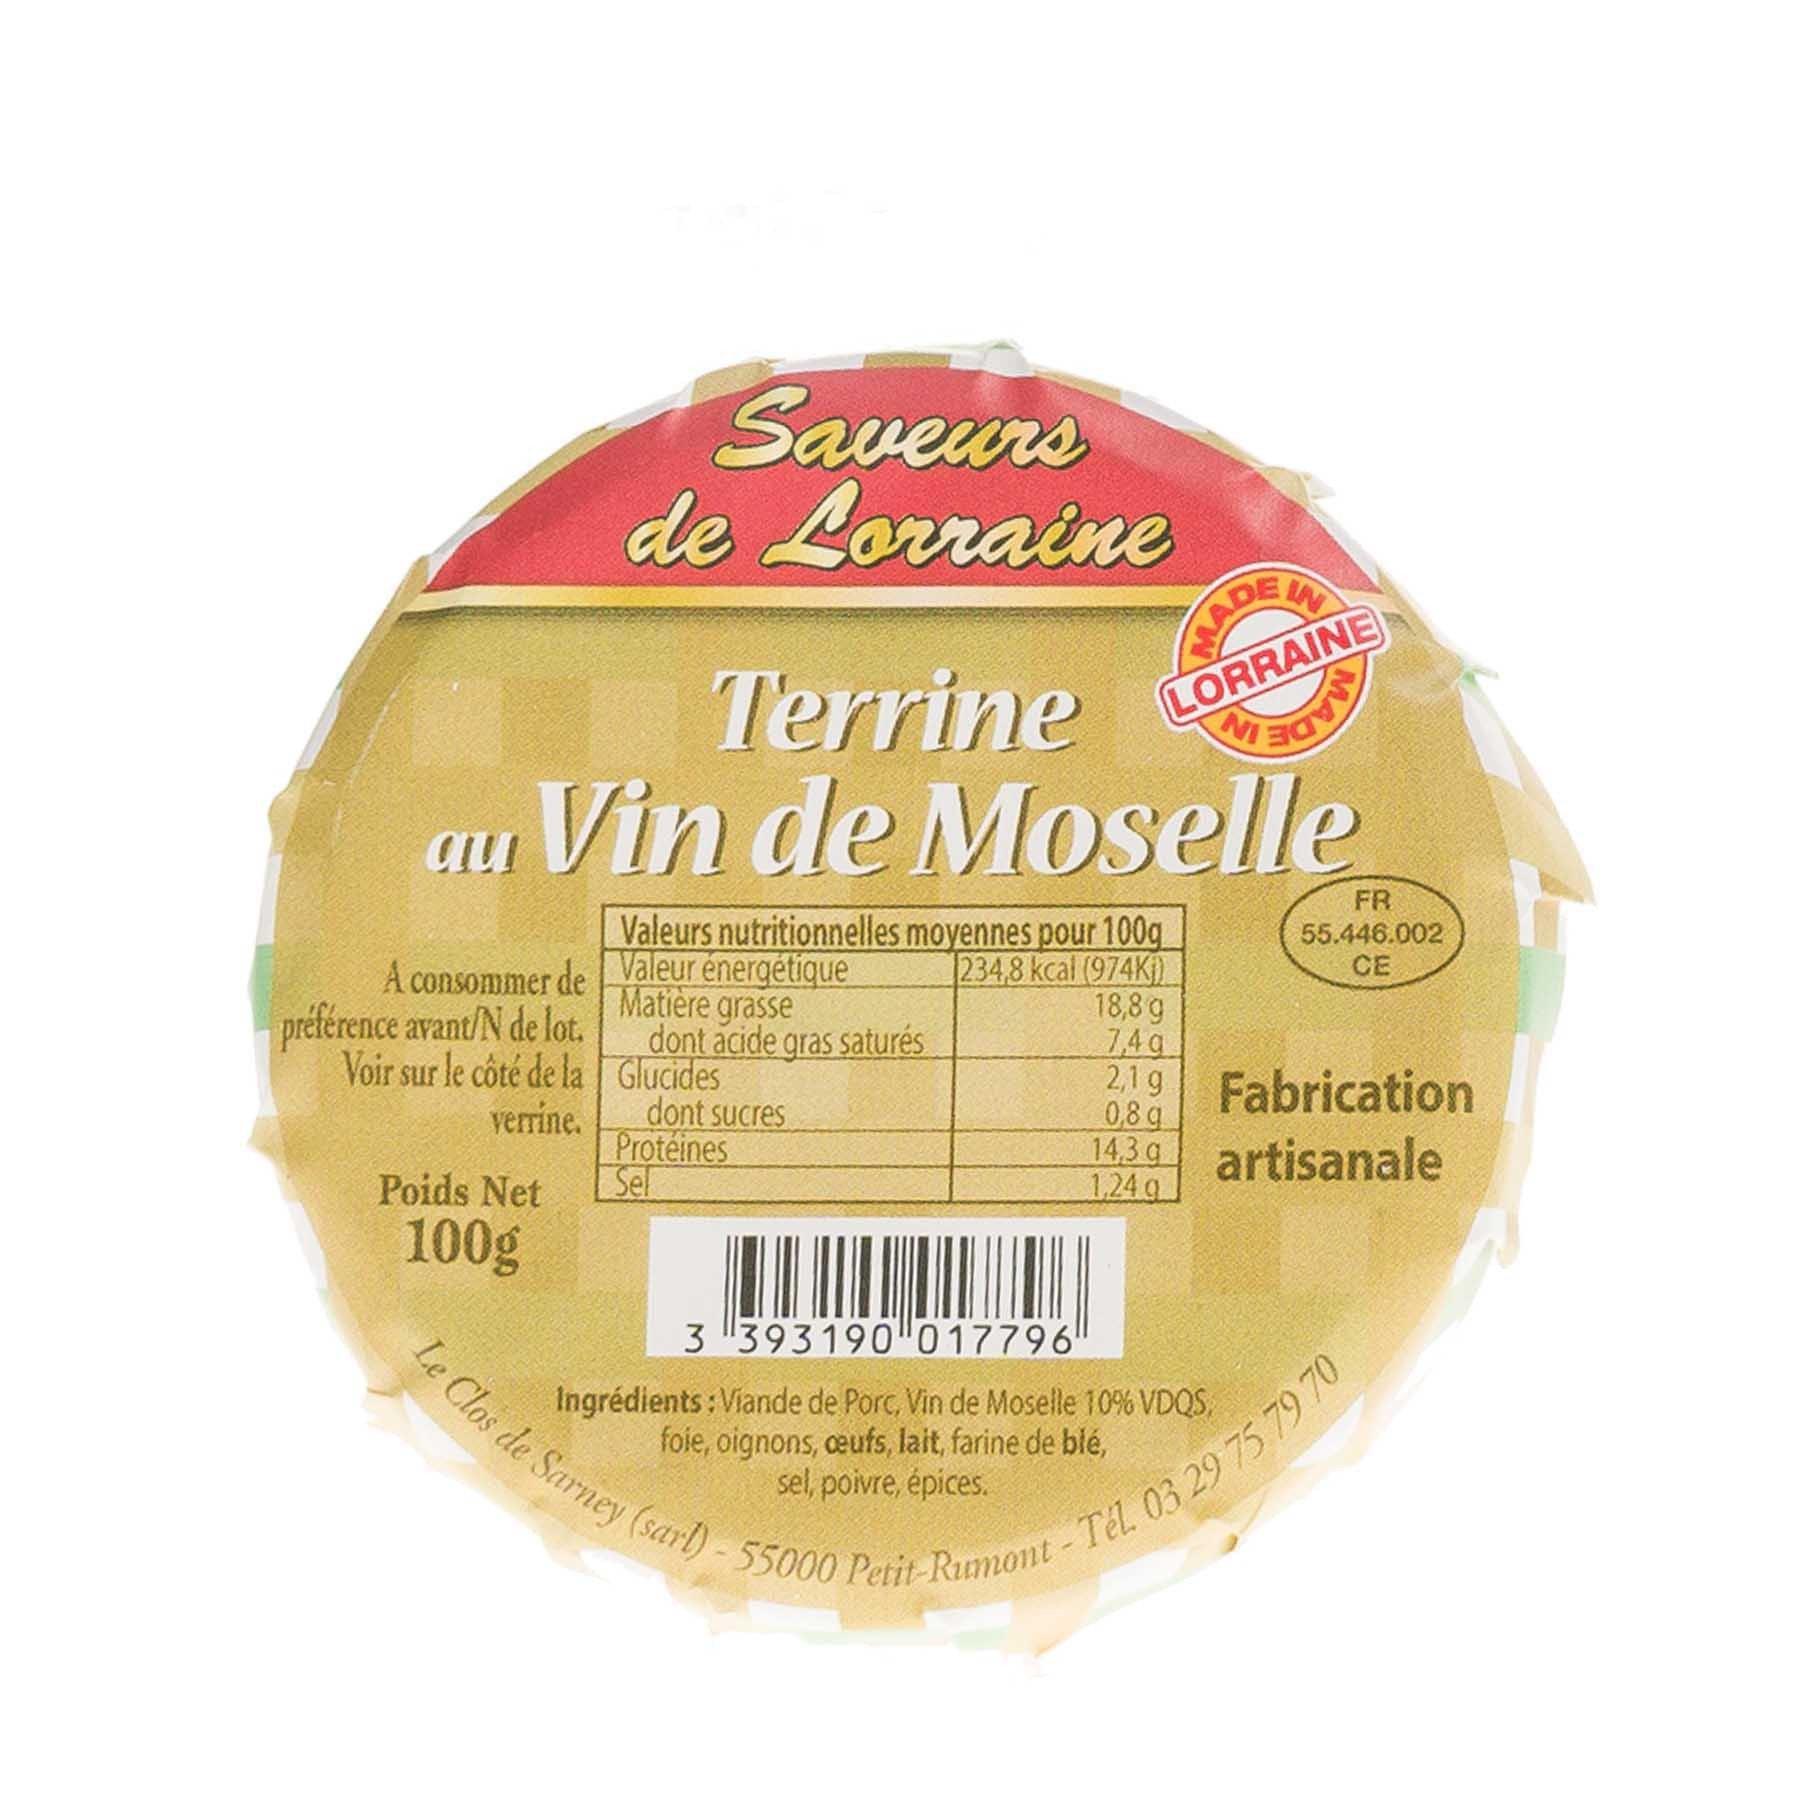 Terrine au Vin de Moselle